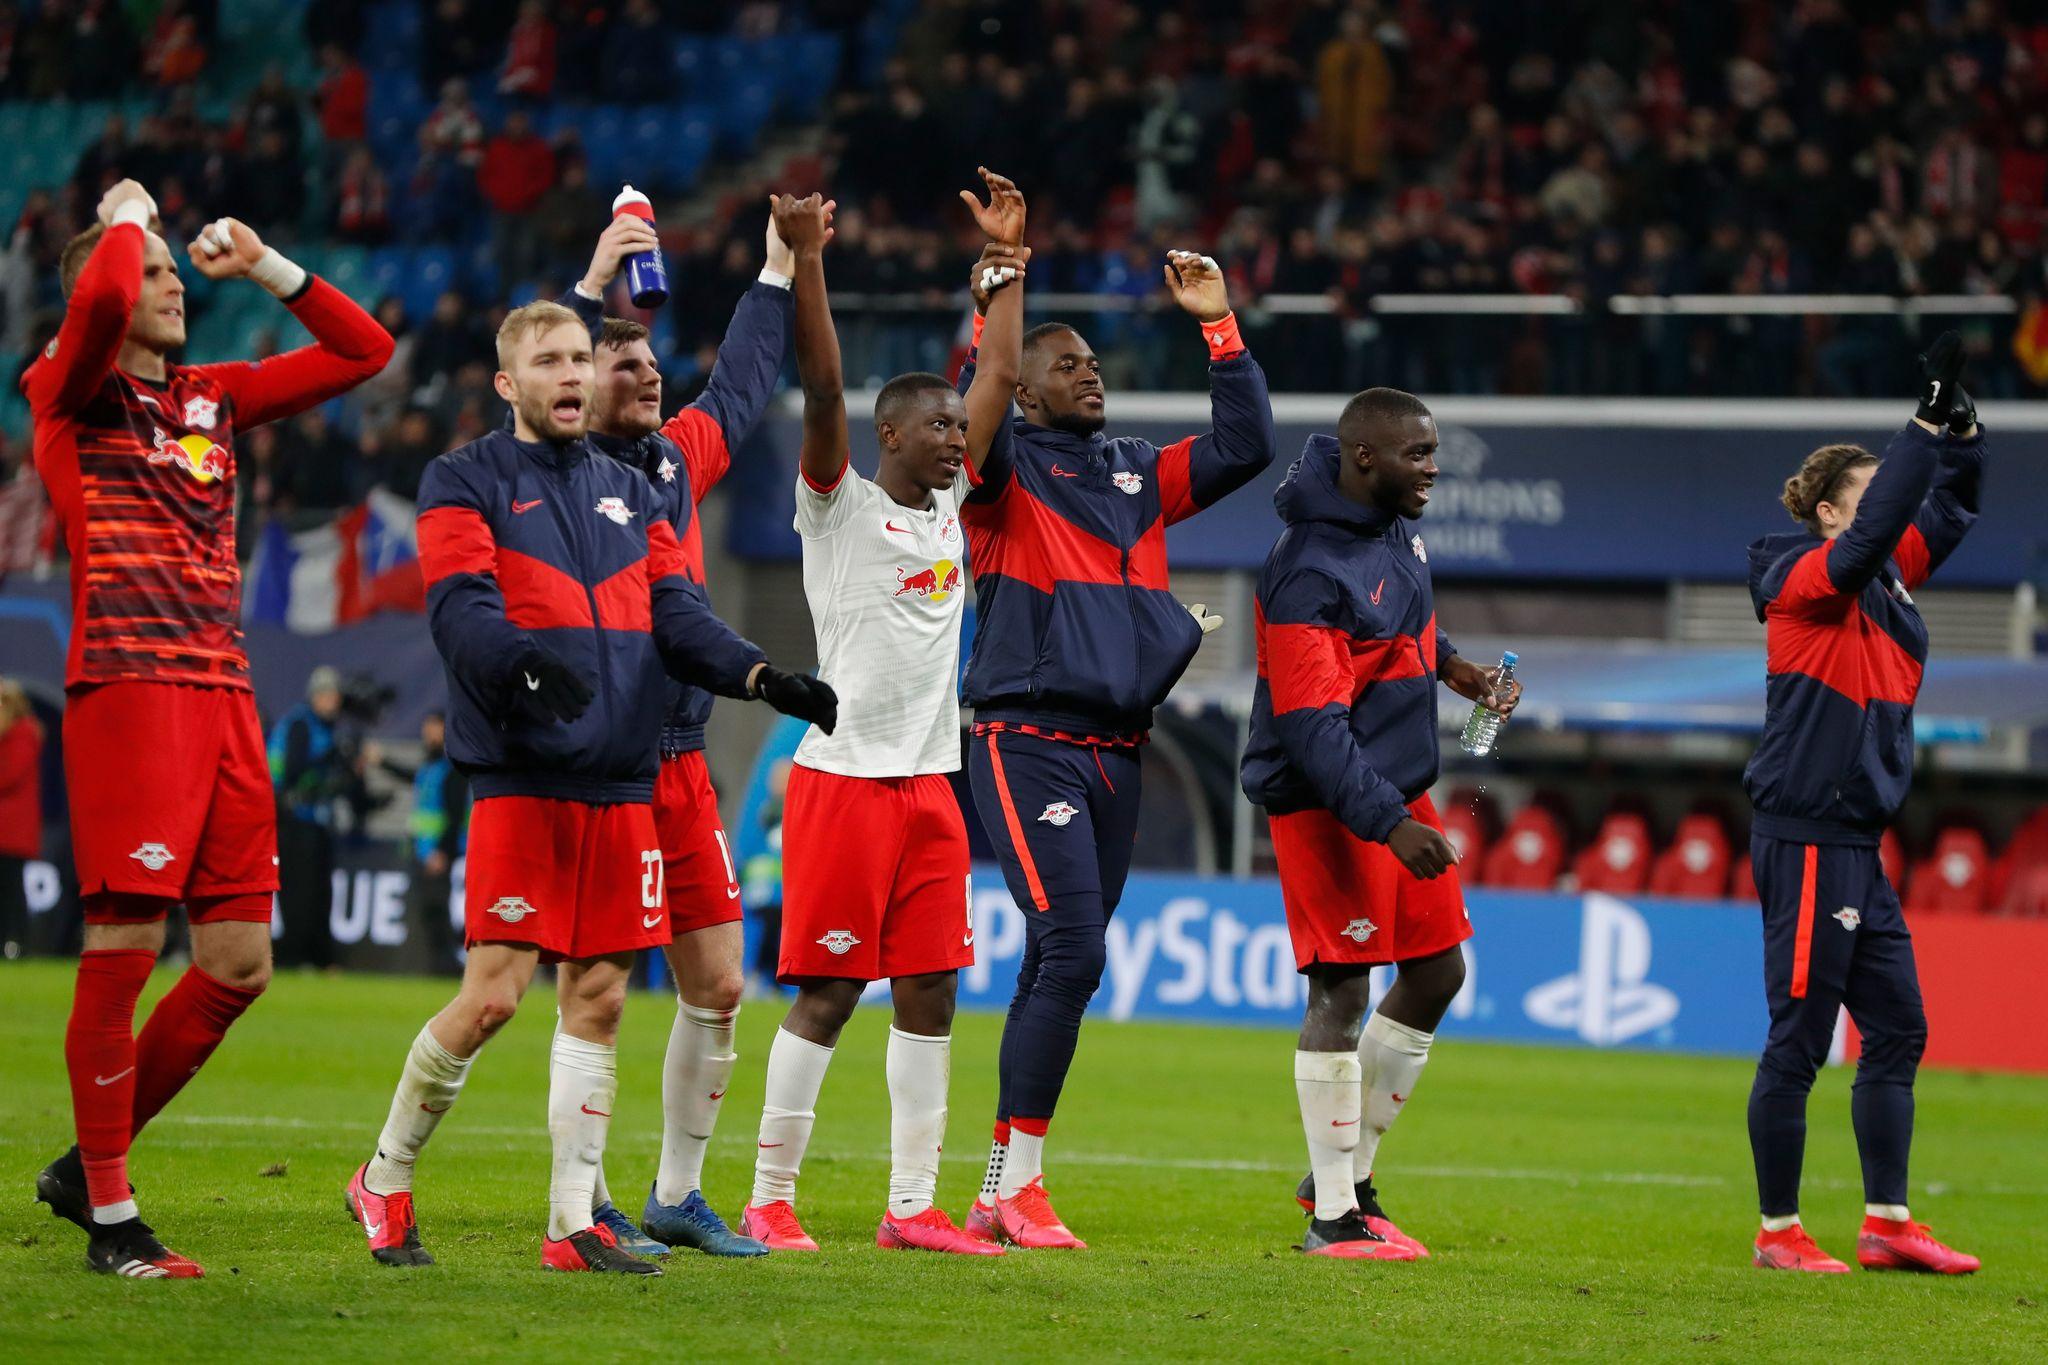 El Leipzig celebrando el pase a cuartos de final frente al Tottenham